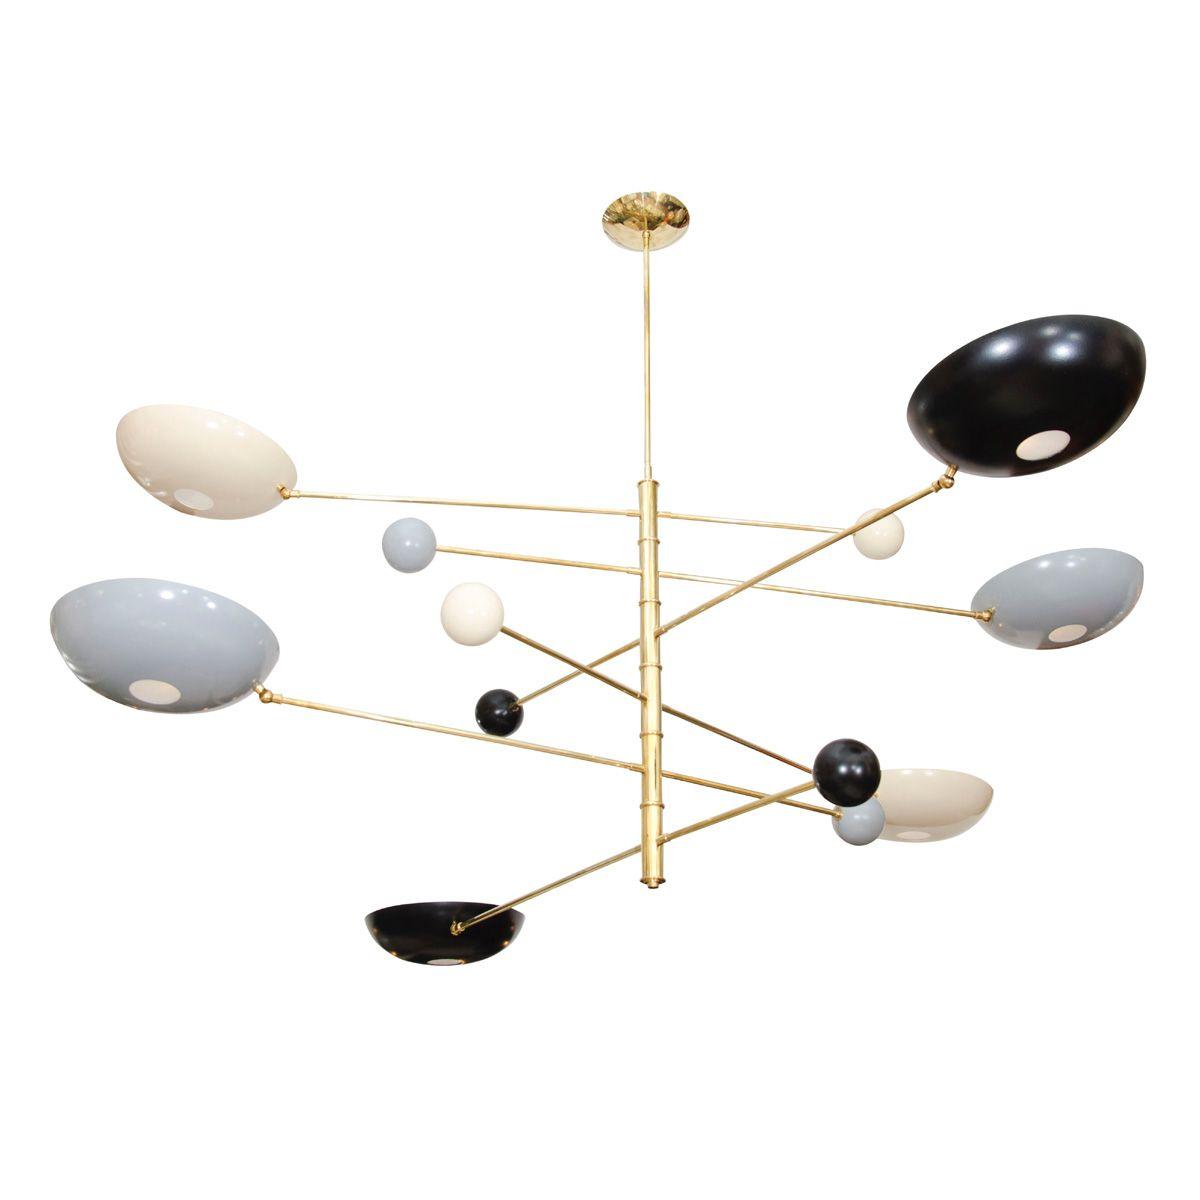 Articulated Twelve Arm Ceiling Fixture | Chandeliers U0026 Pendants | John  Salibello